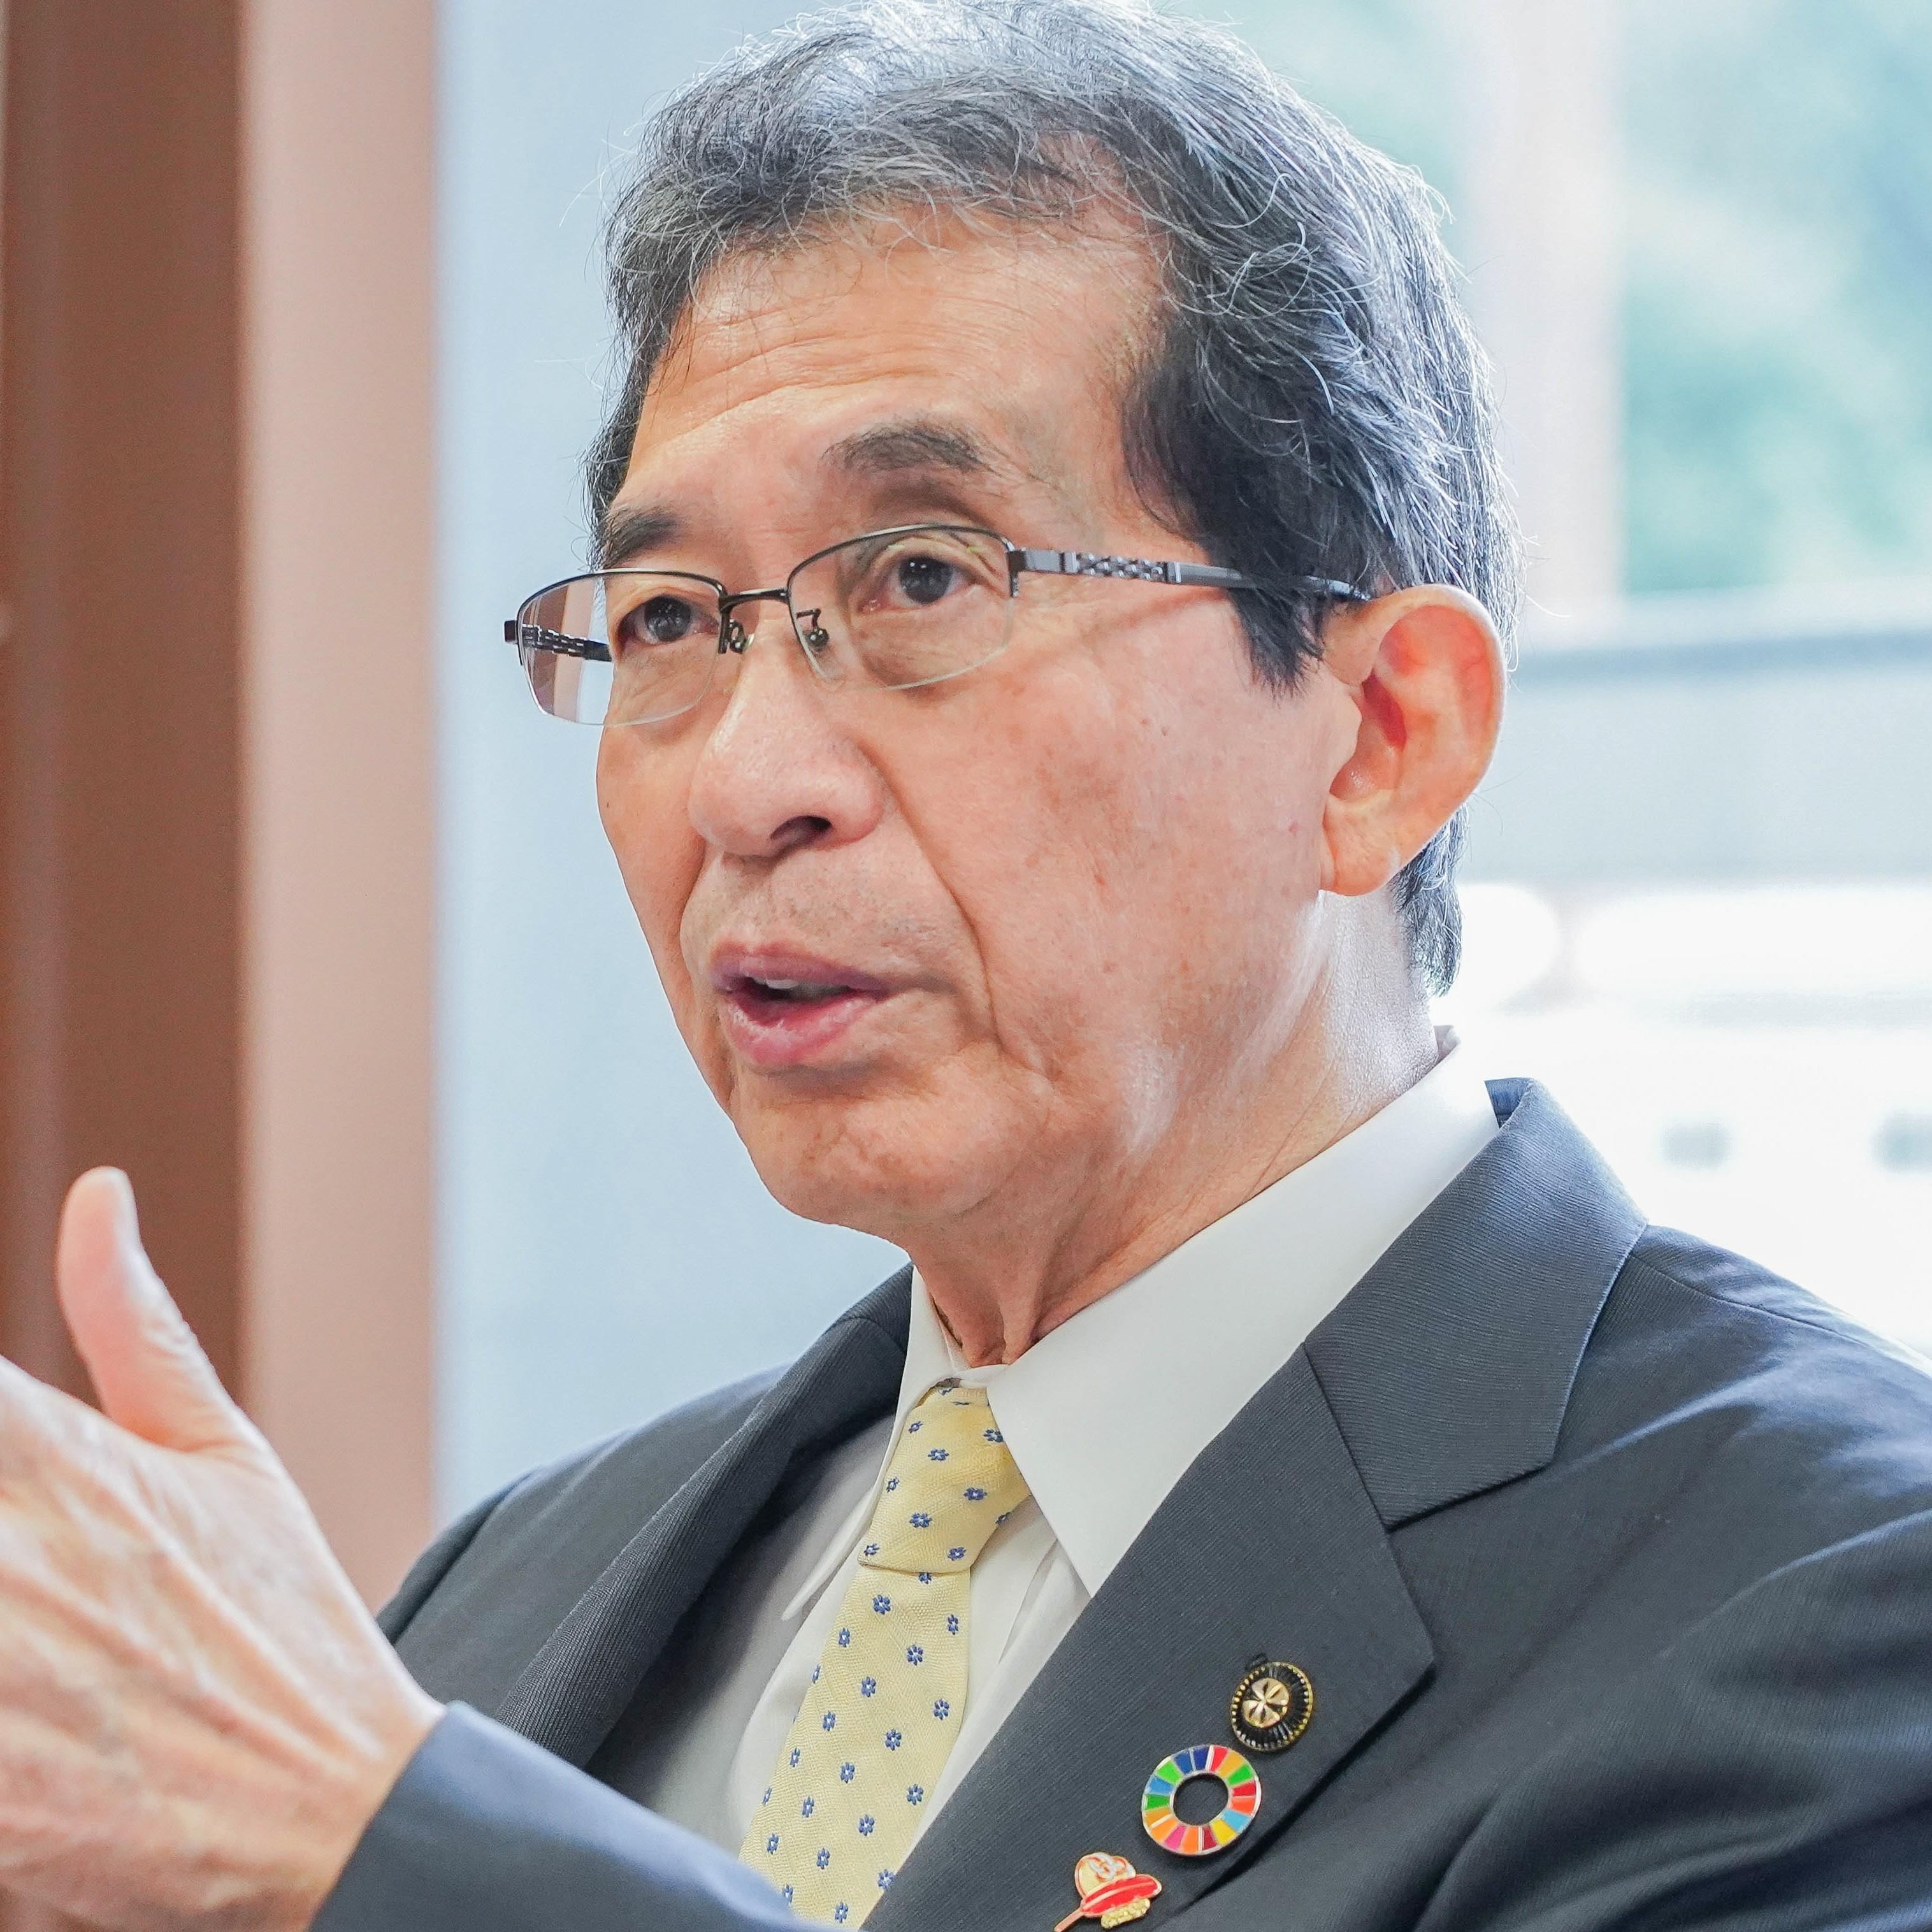 Ryozo Tatami